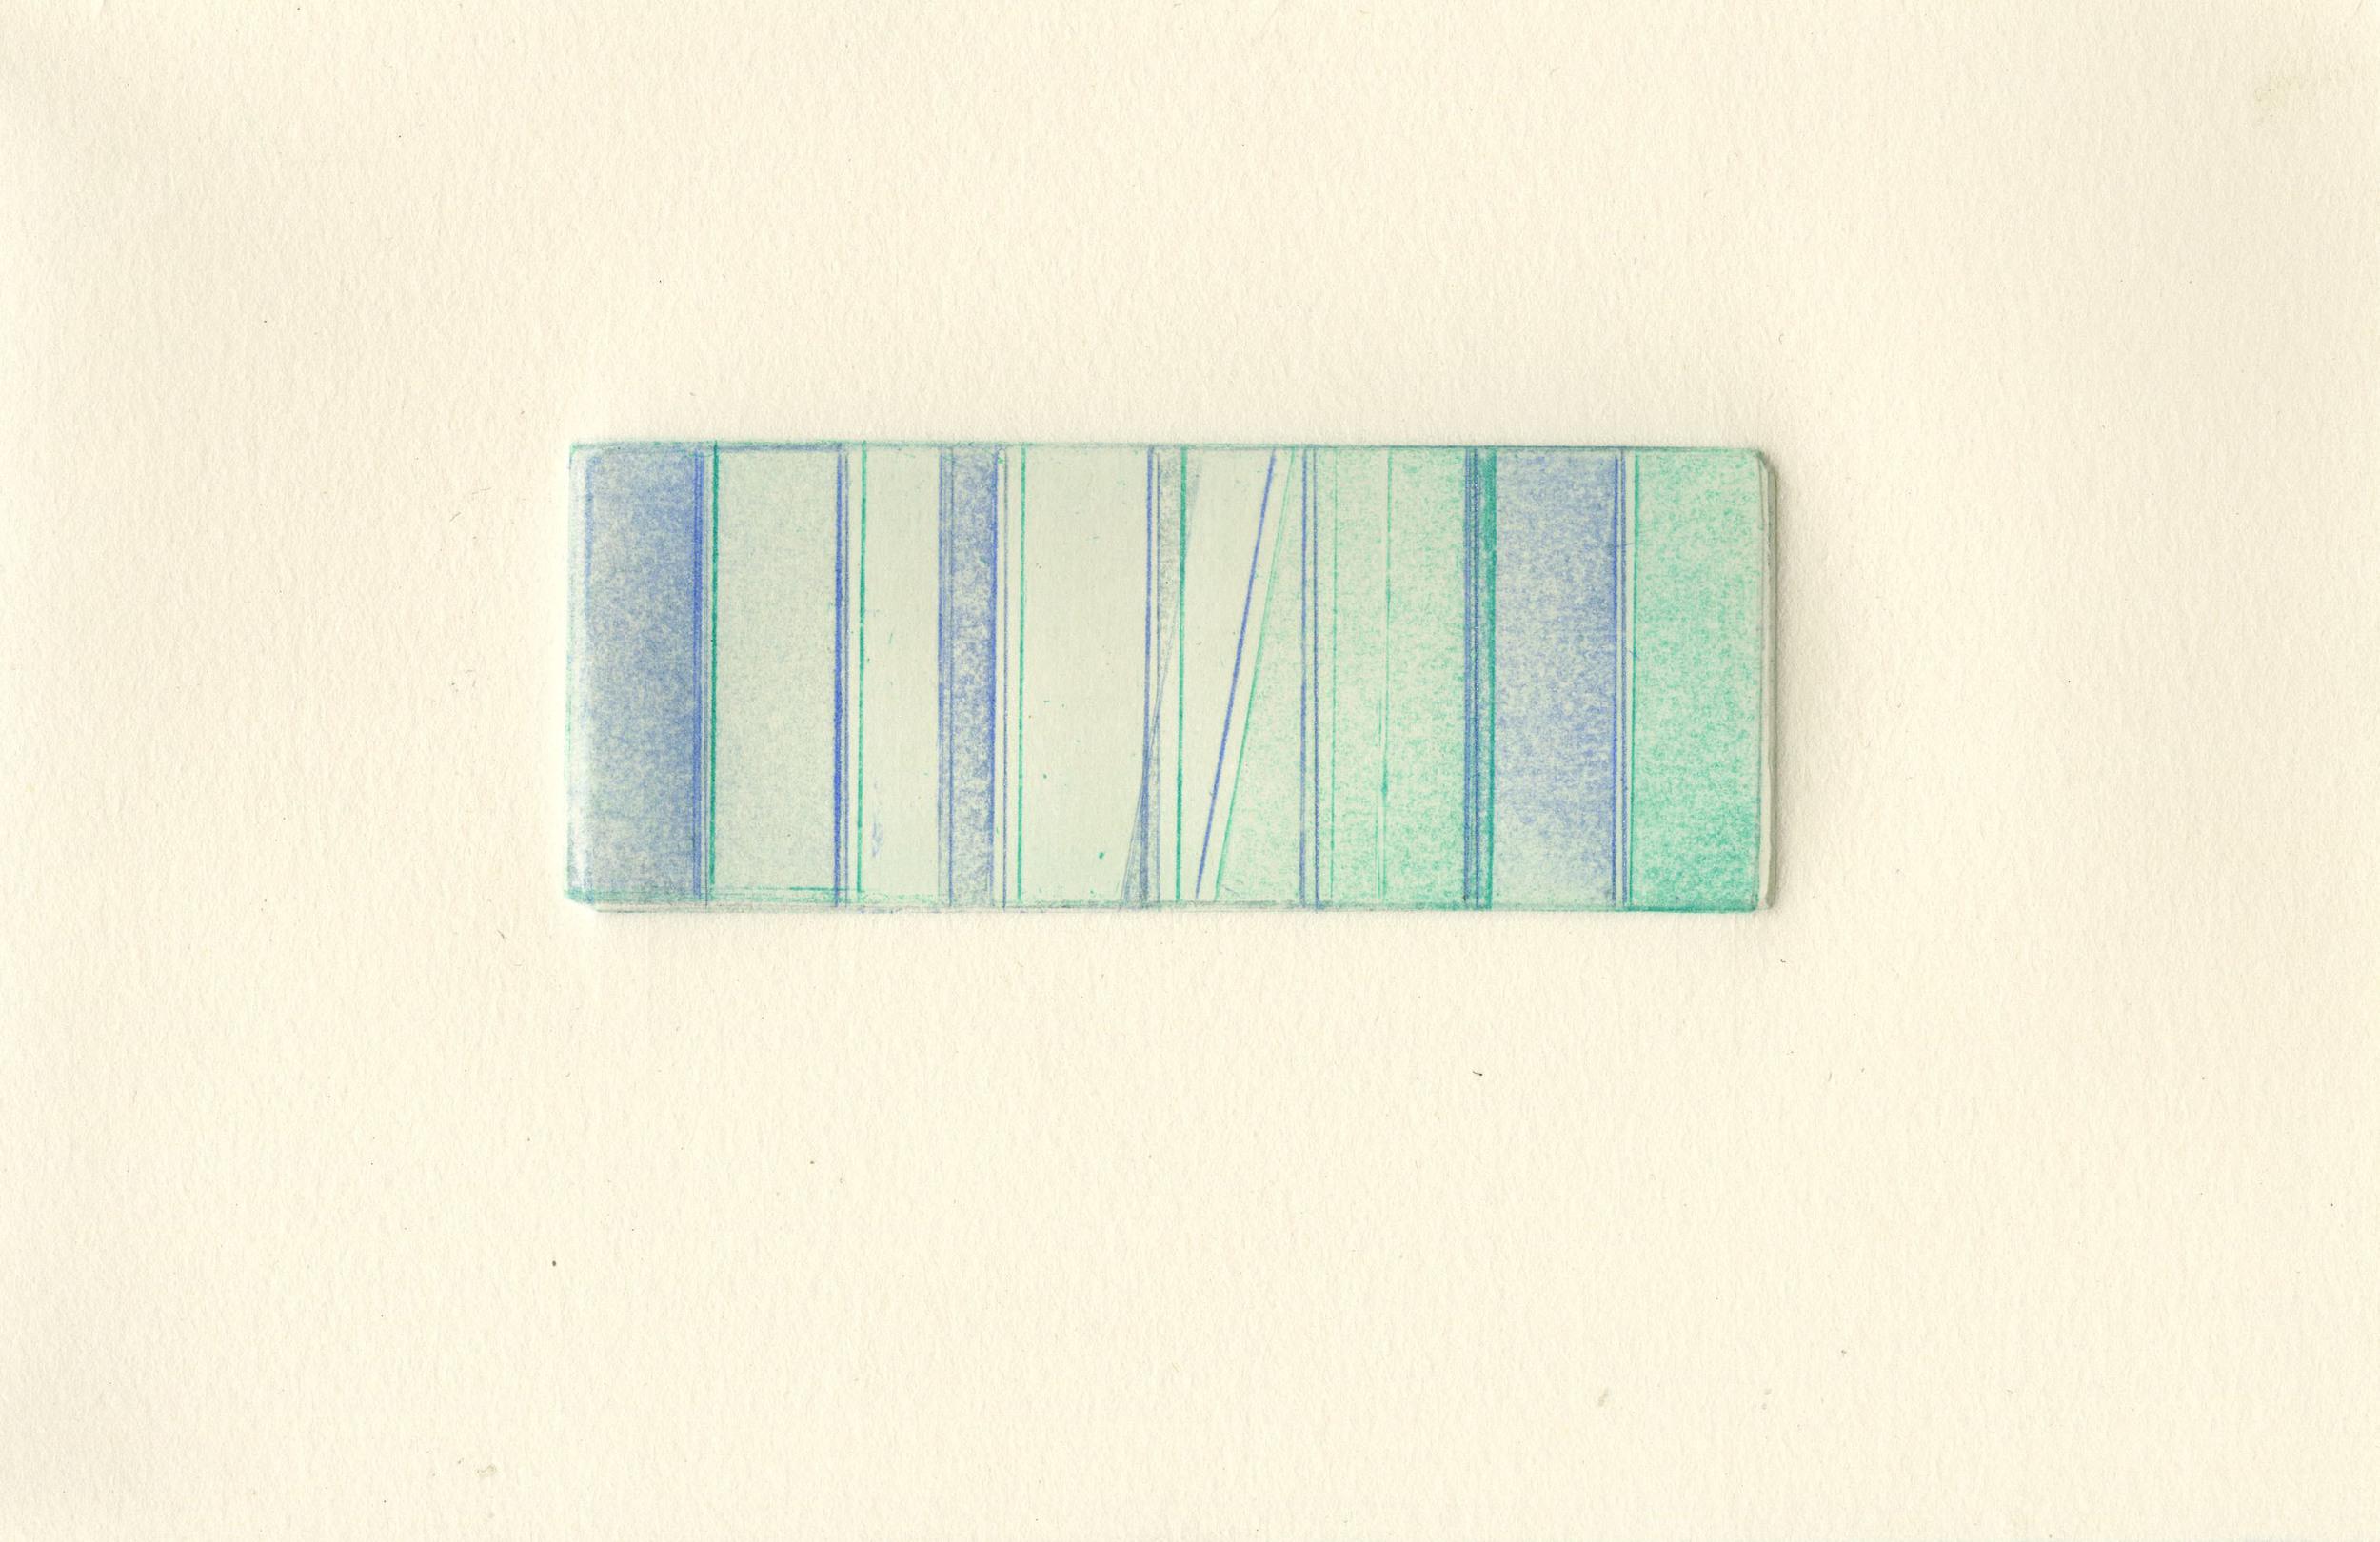 rectangle001.jpg